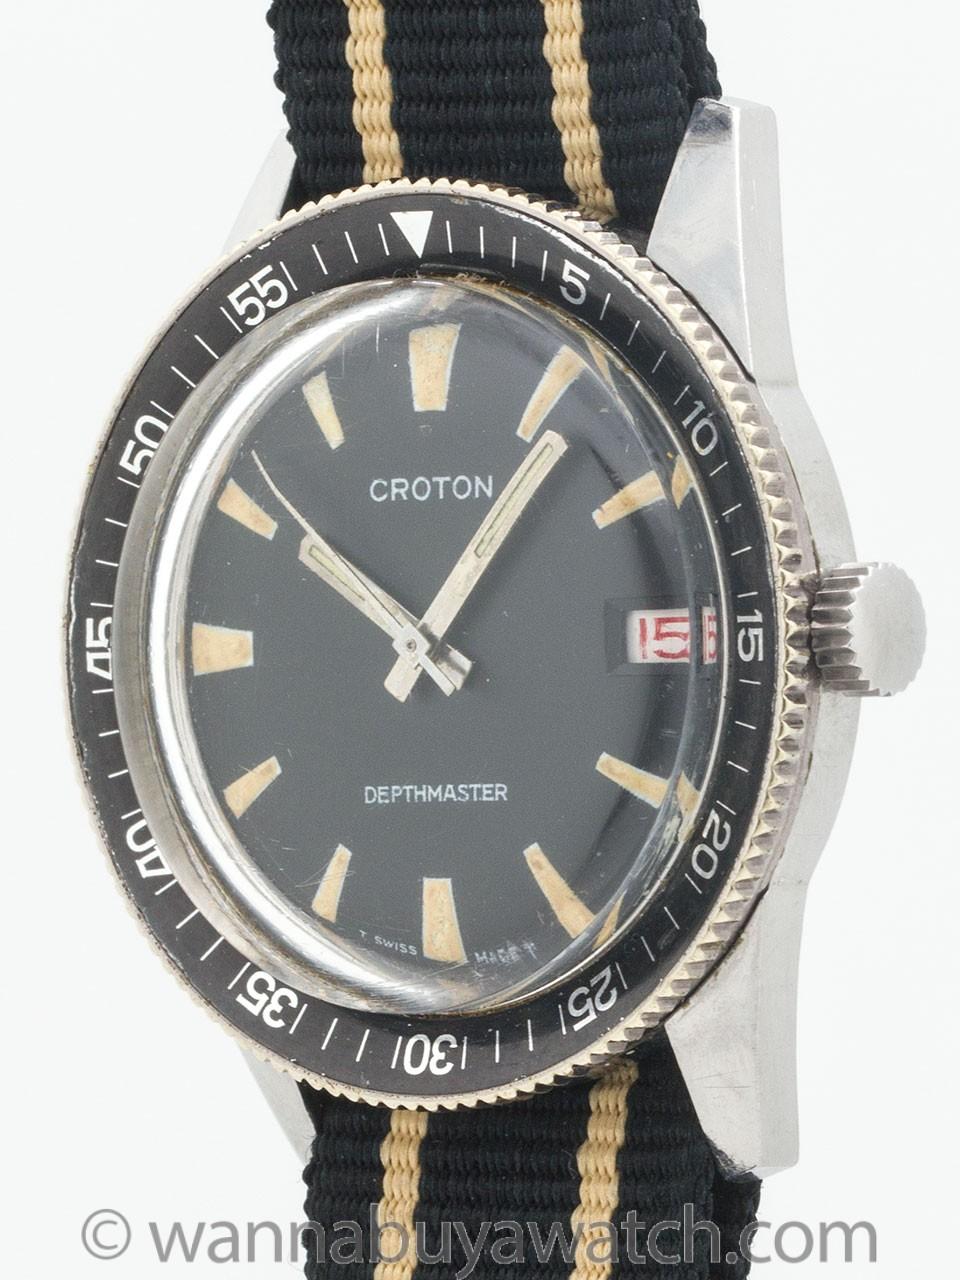 Croton Diver's Model circa 1960's